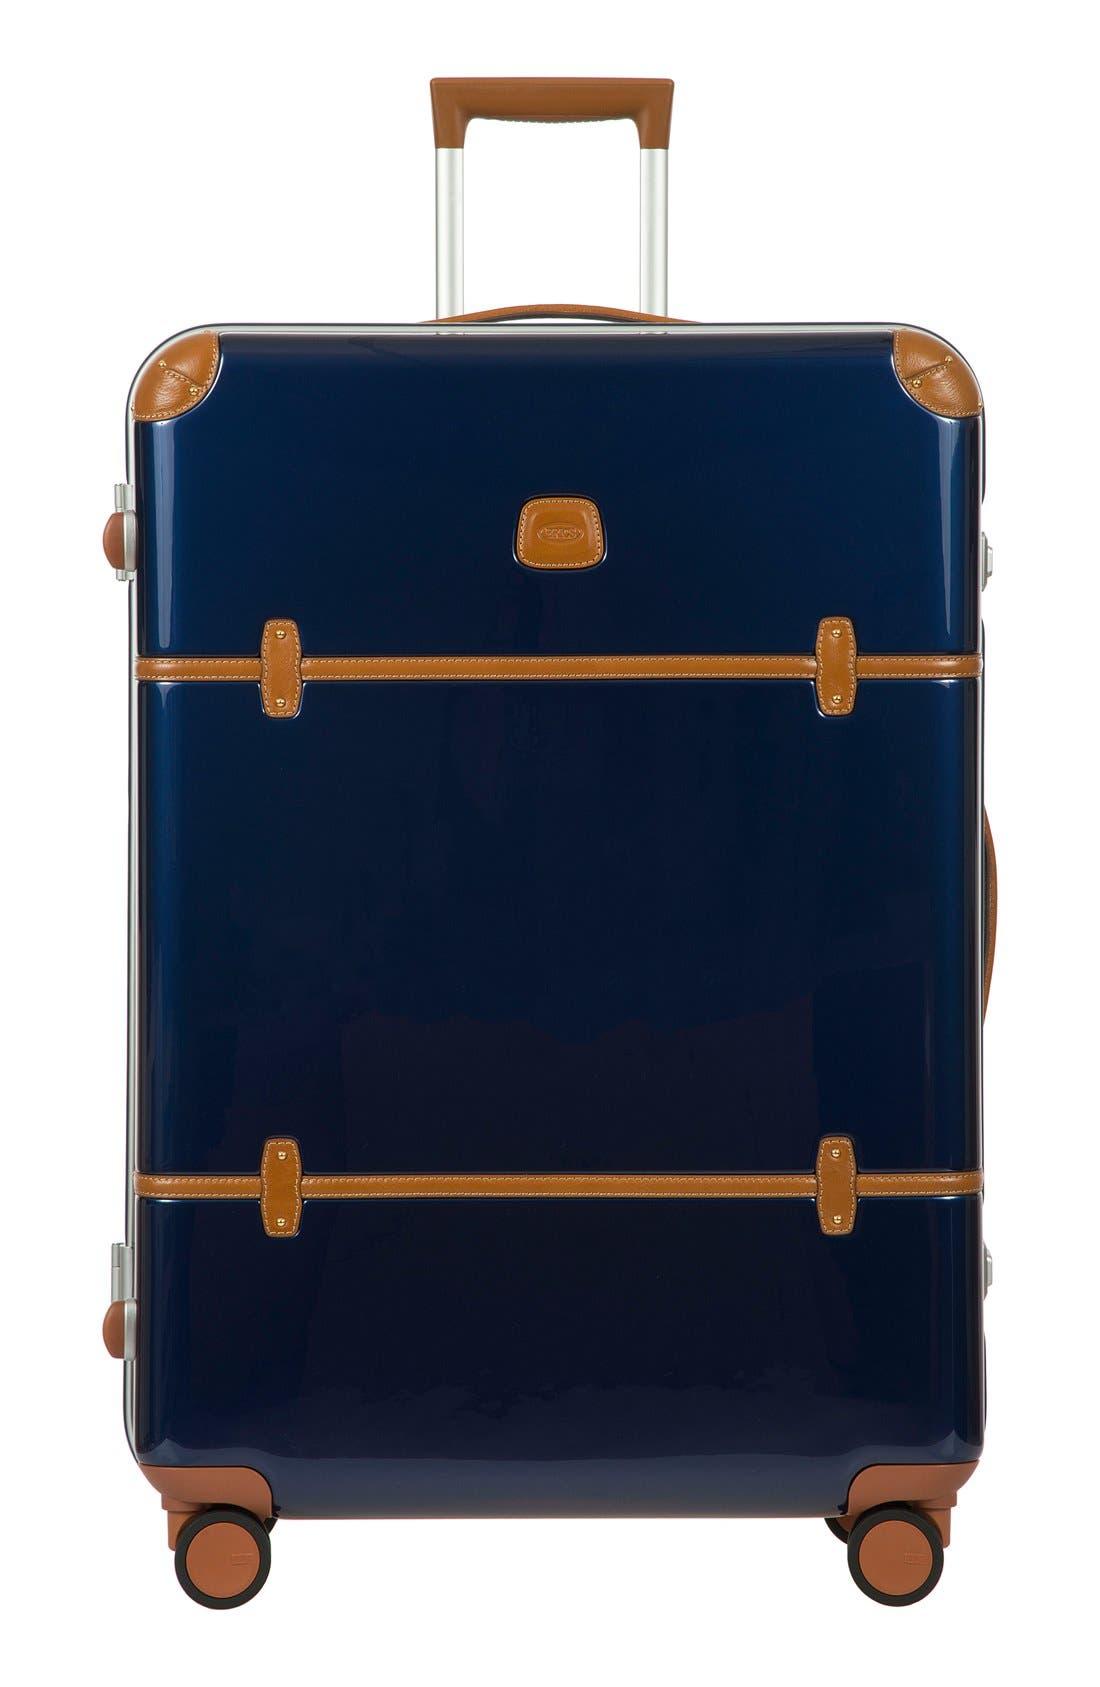 Bric's Bellagio Metallo 2.0 32 Inch Rolling Suitcase